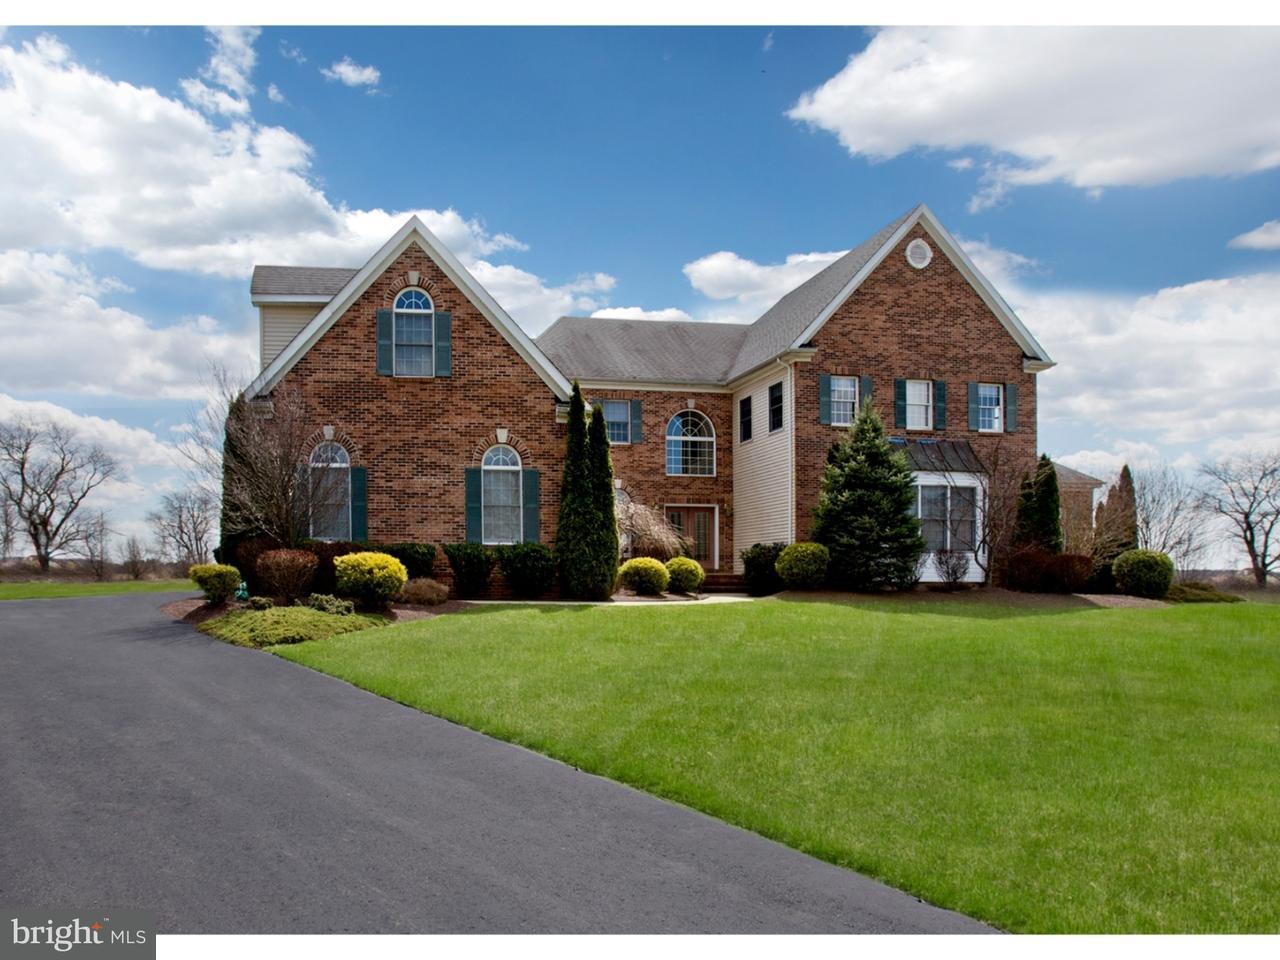 Casa Unifamiliar por un Alquiler en 7 APPLEGATE Court Cranbury, Nueva Jersey 08512 Estados UnidosEn/Alrededor: Cranbury Township